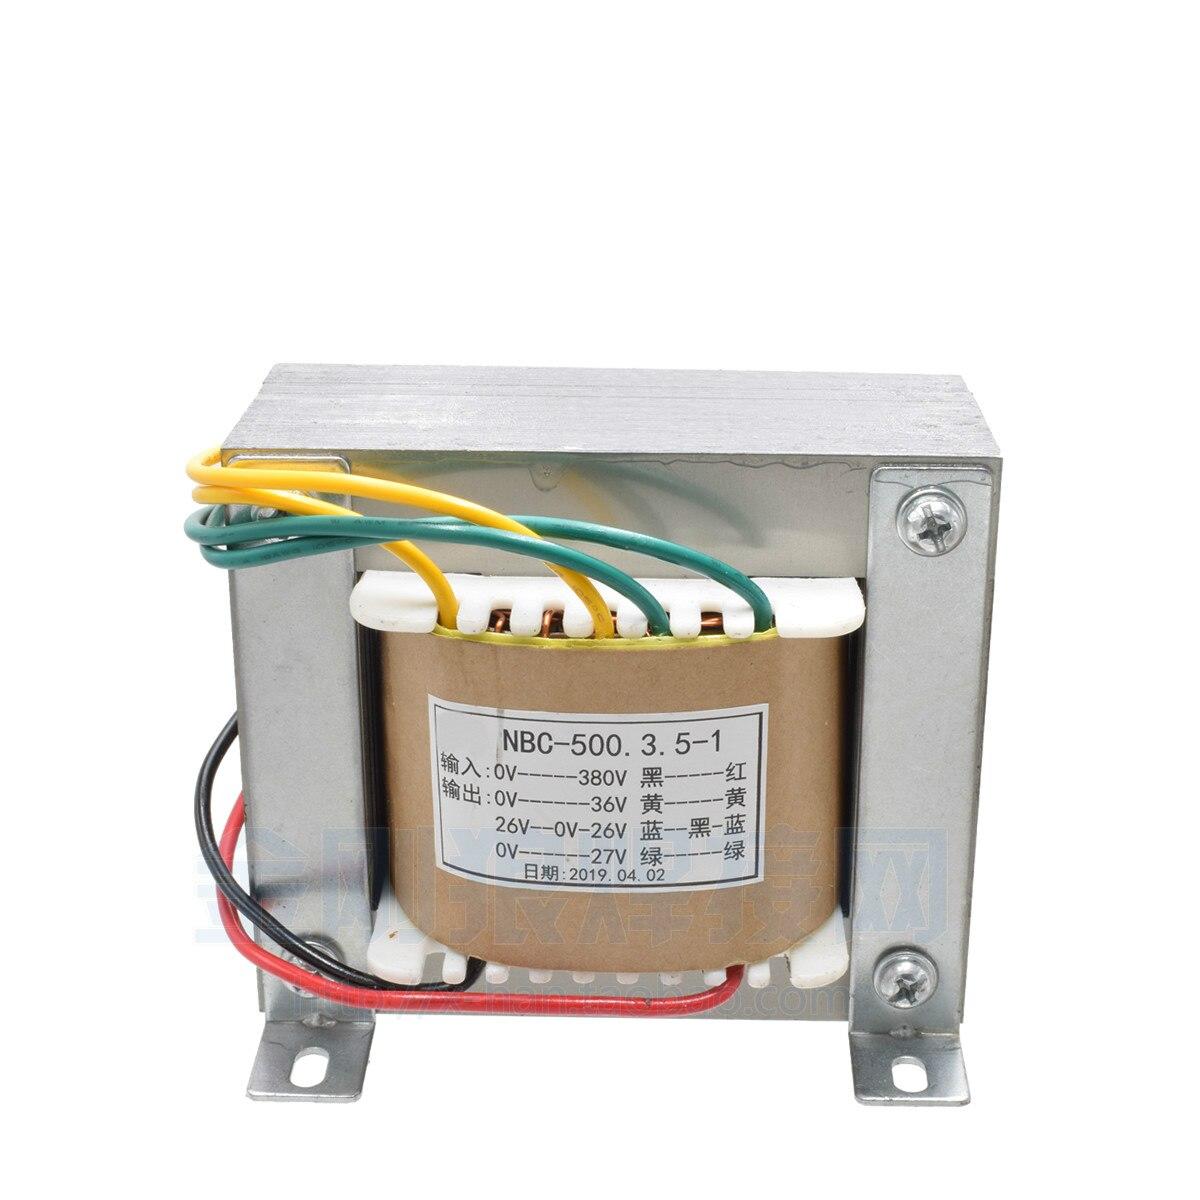 NB350 500 Gas Shielded Welding Control Transformer Output 36V 24V Dual 26V Input AC380V